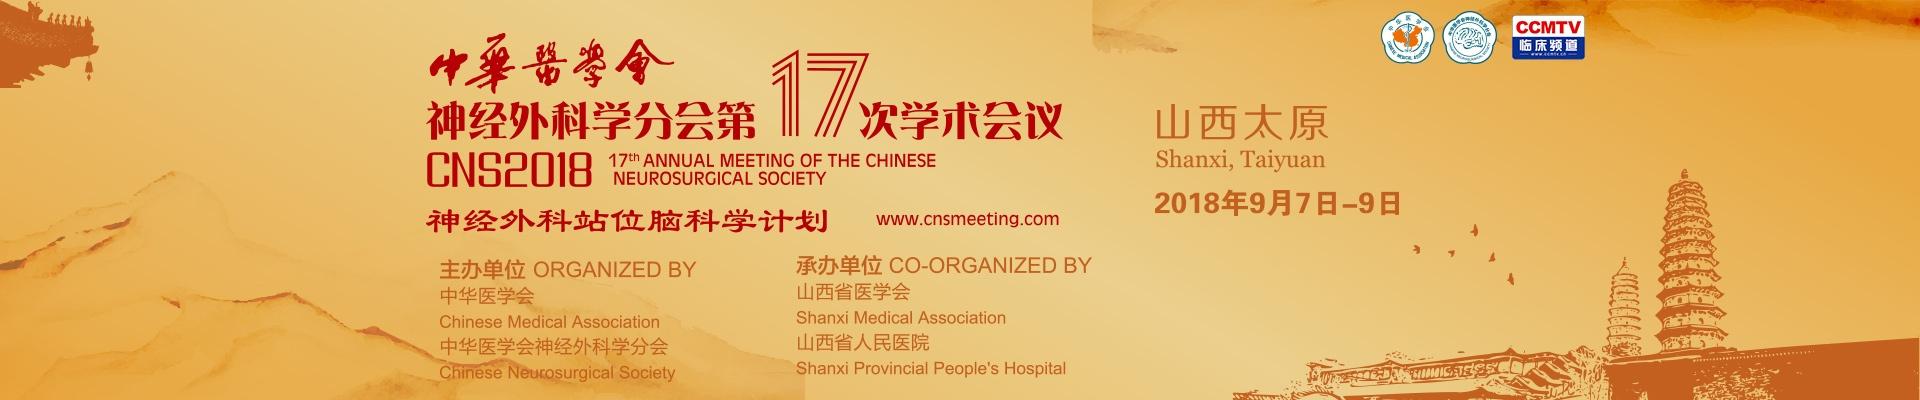 中华医学会神经外科学分会第17次学术会议